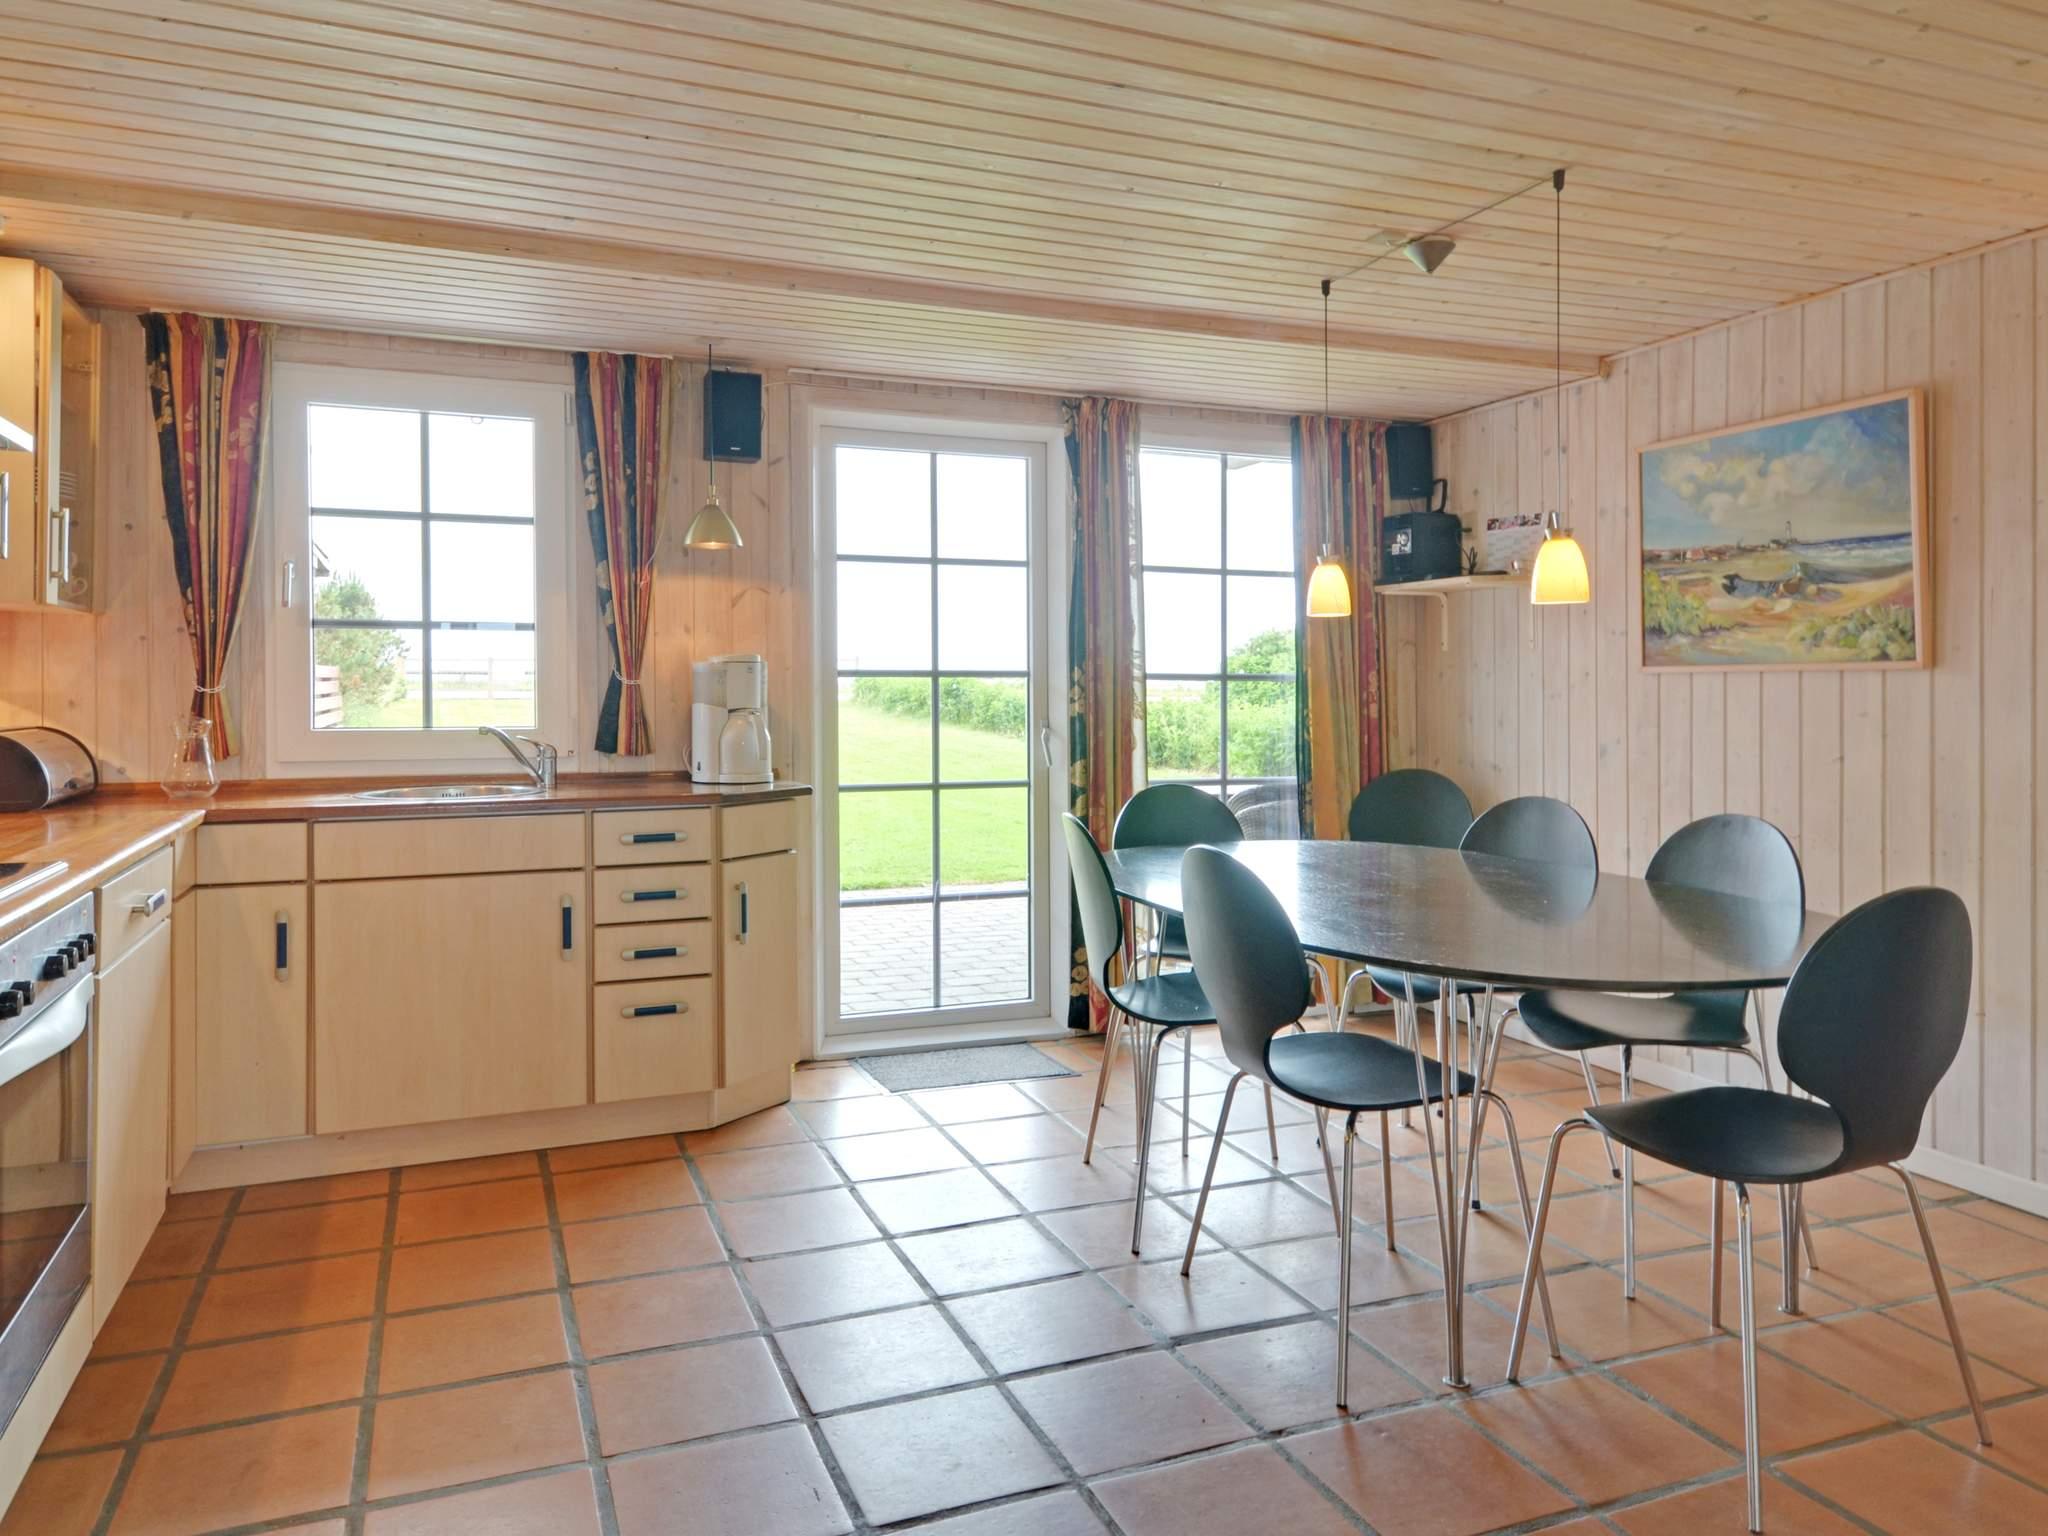 Ferienhaus Bork Havn (83508), Bork Havn, , Westjütland, Dänemark, Bild 5